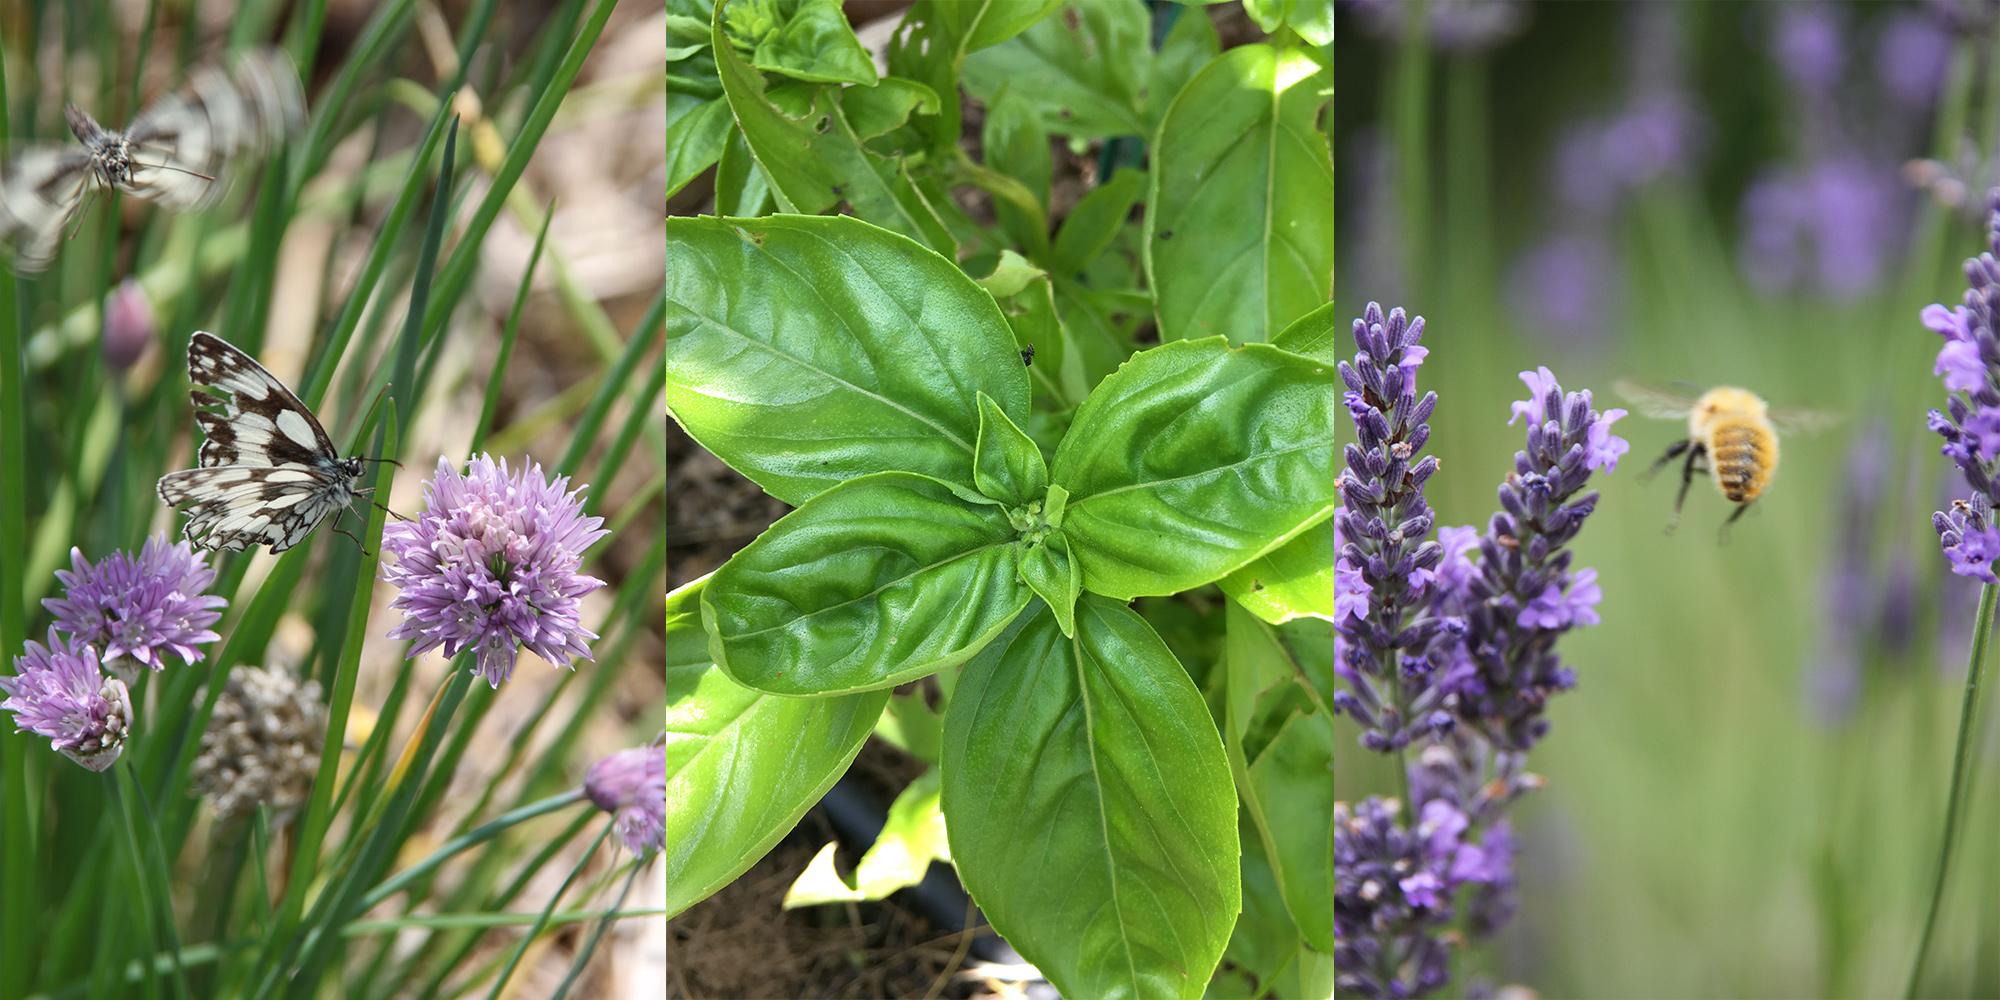 Herbes aromatiques et médicinales